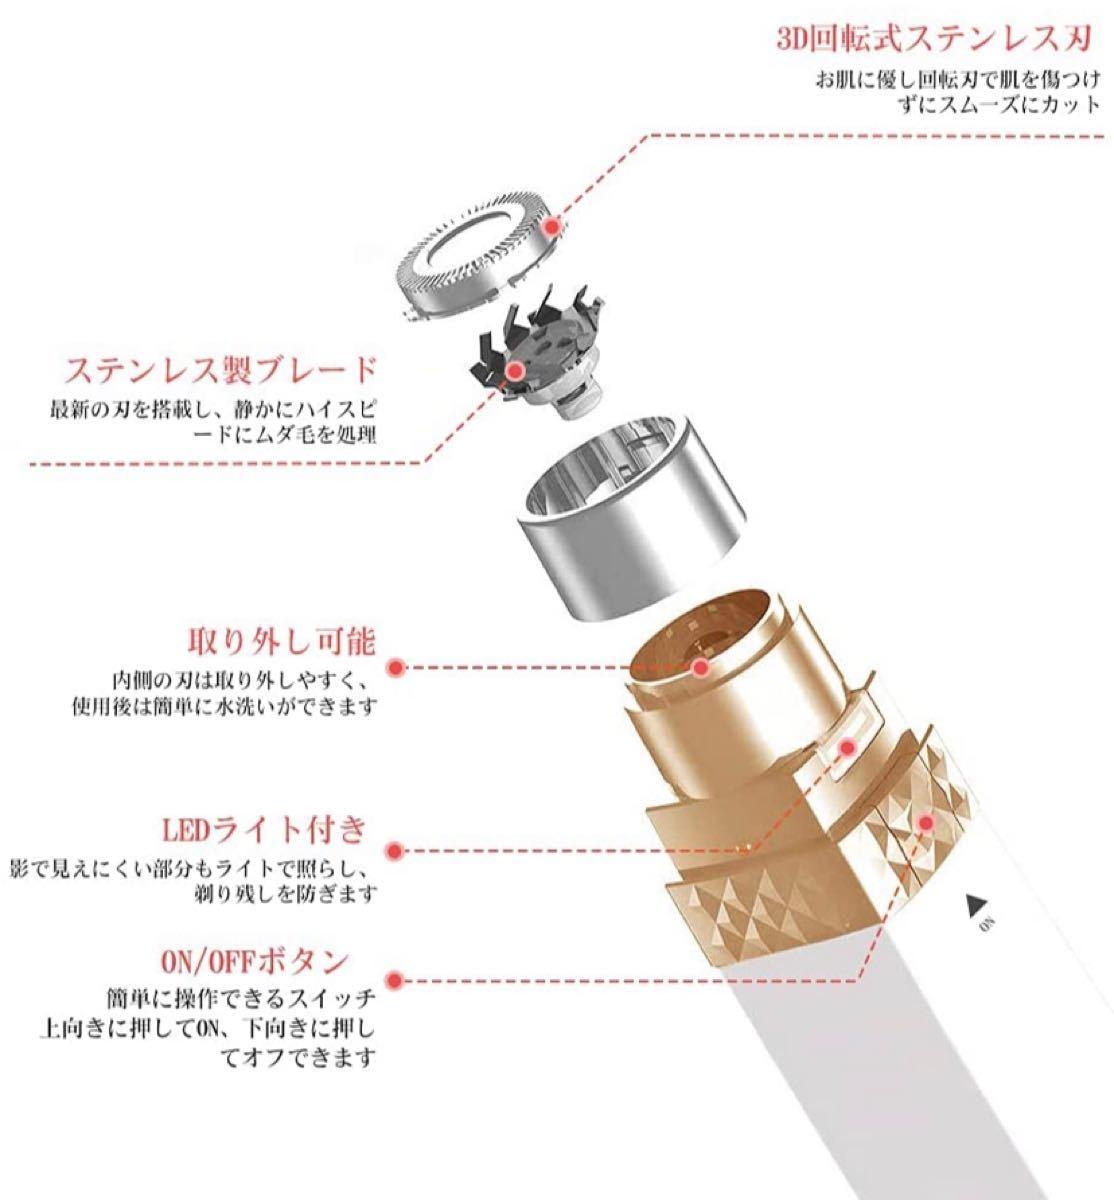 【新品】レディースシェーバー シェーバー女性用 フェイスシェーバー 電動 顔剃り